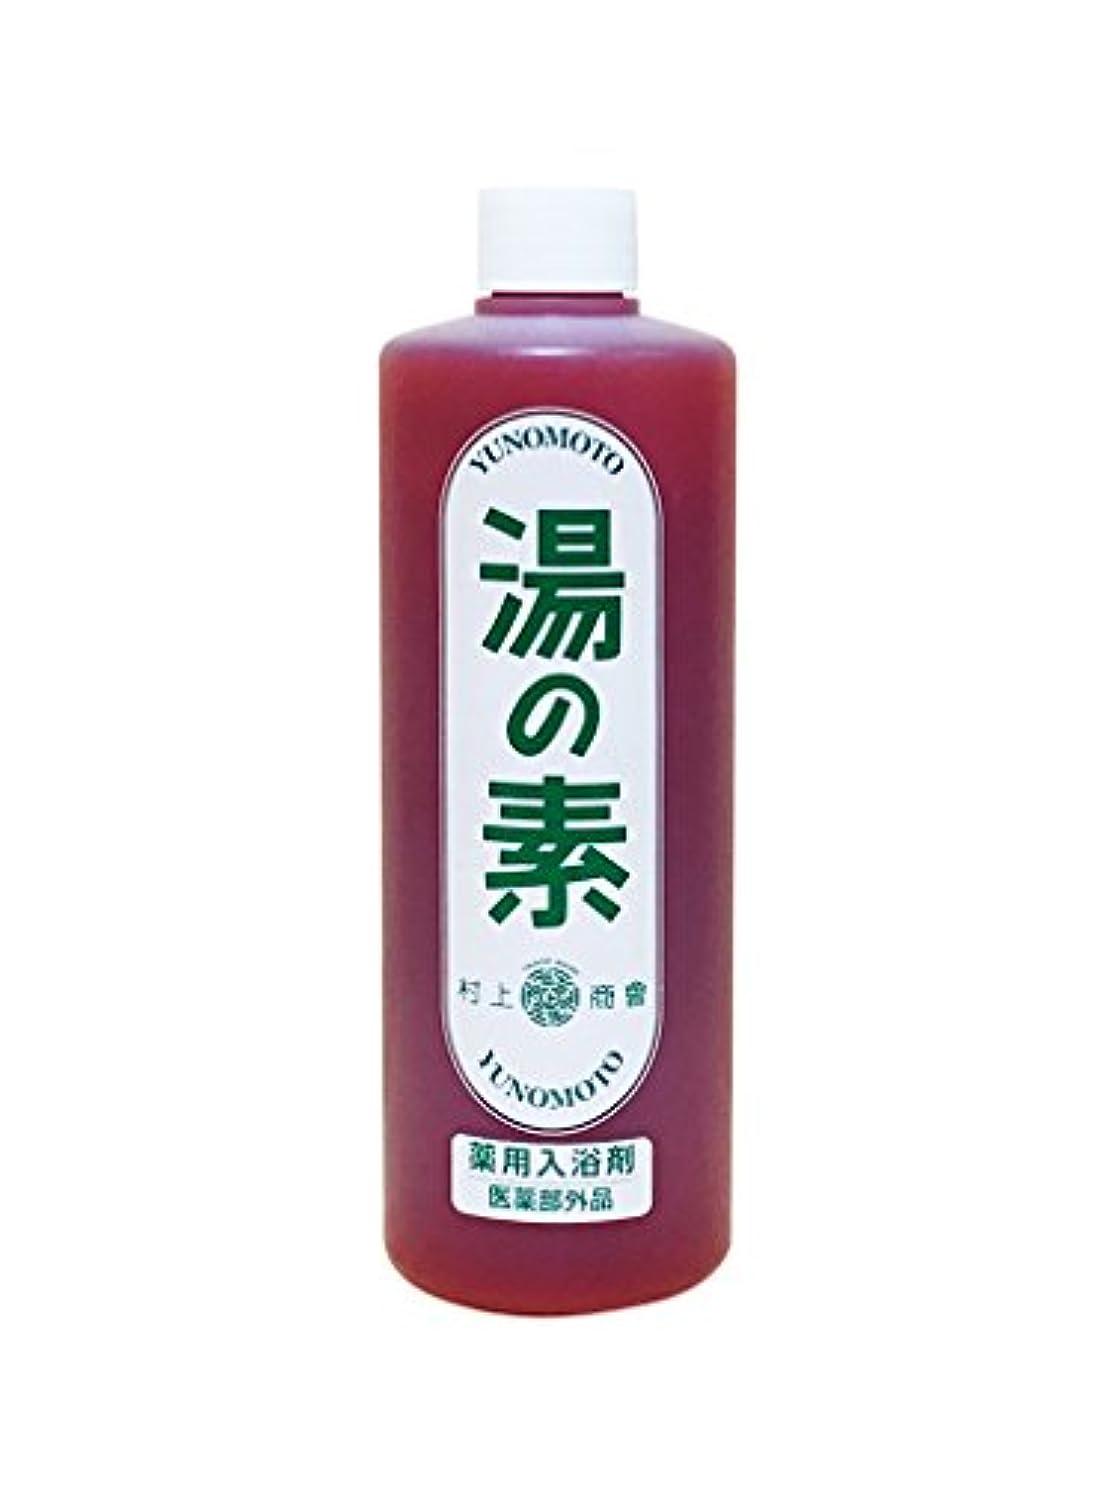 移動するポルトガル語ぼかす硫黄乳白色湯 湯の素 薬用入浴剤 (医薬部外品) 490g